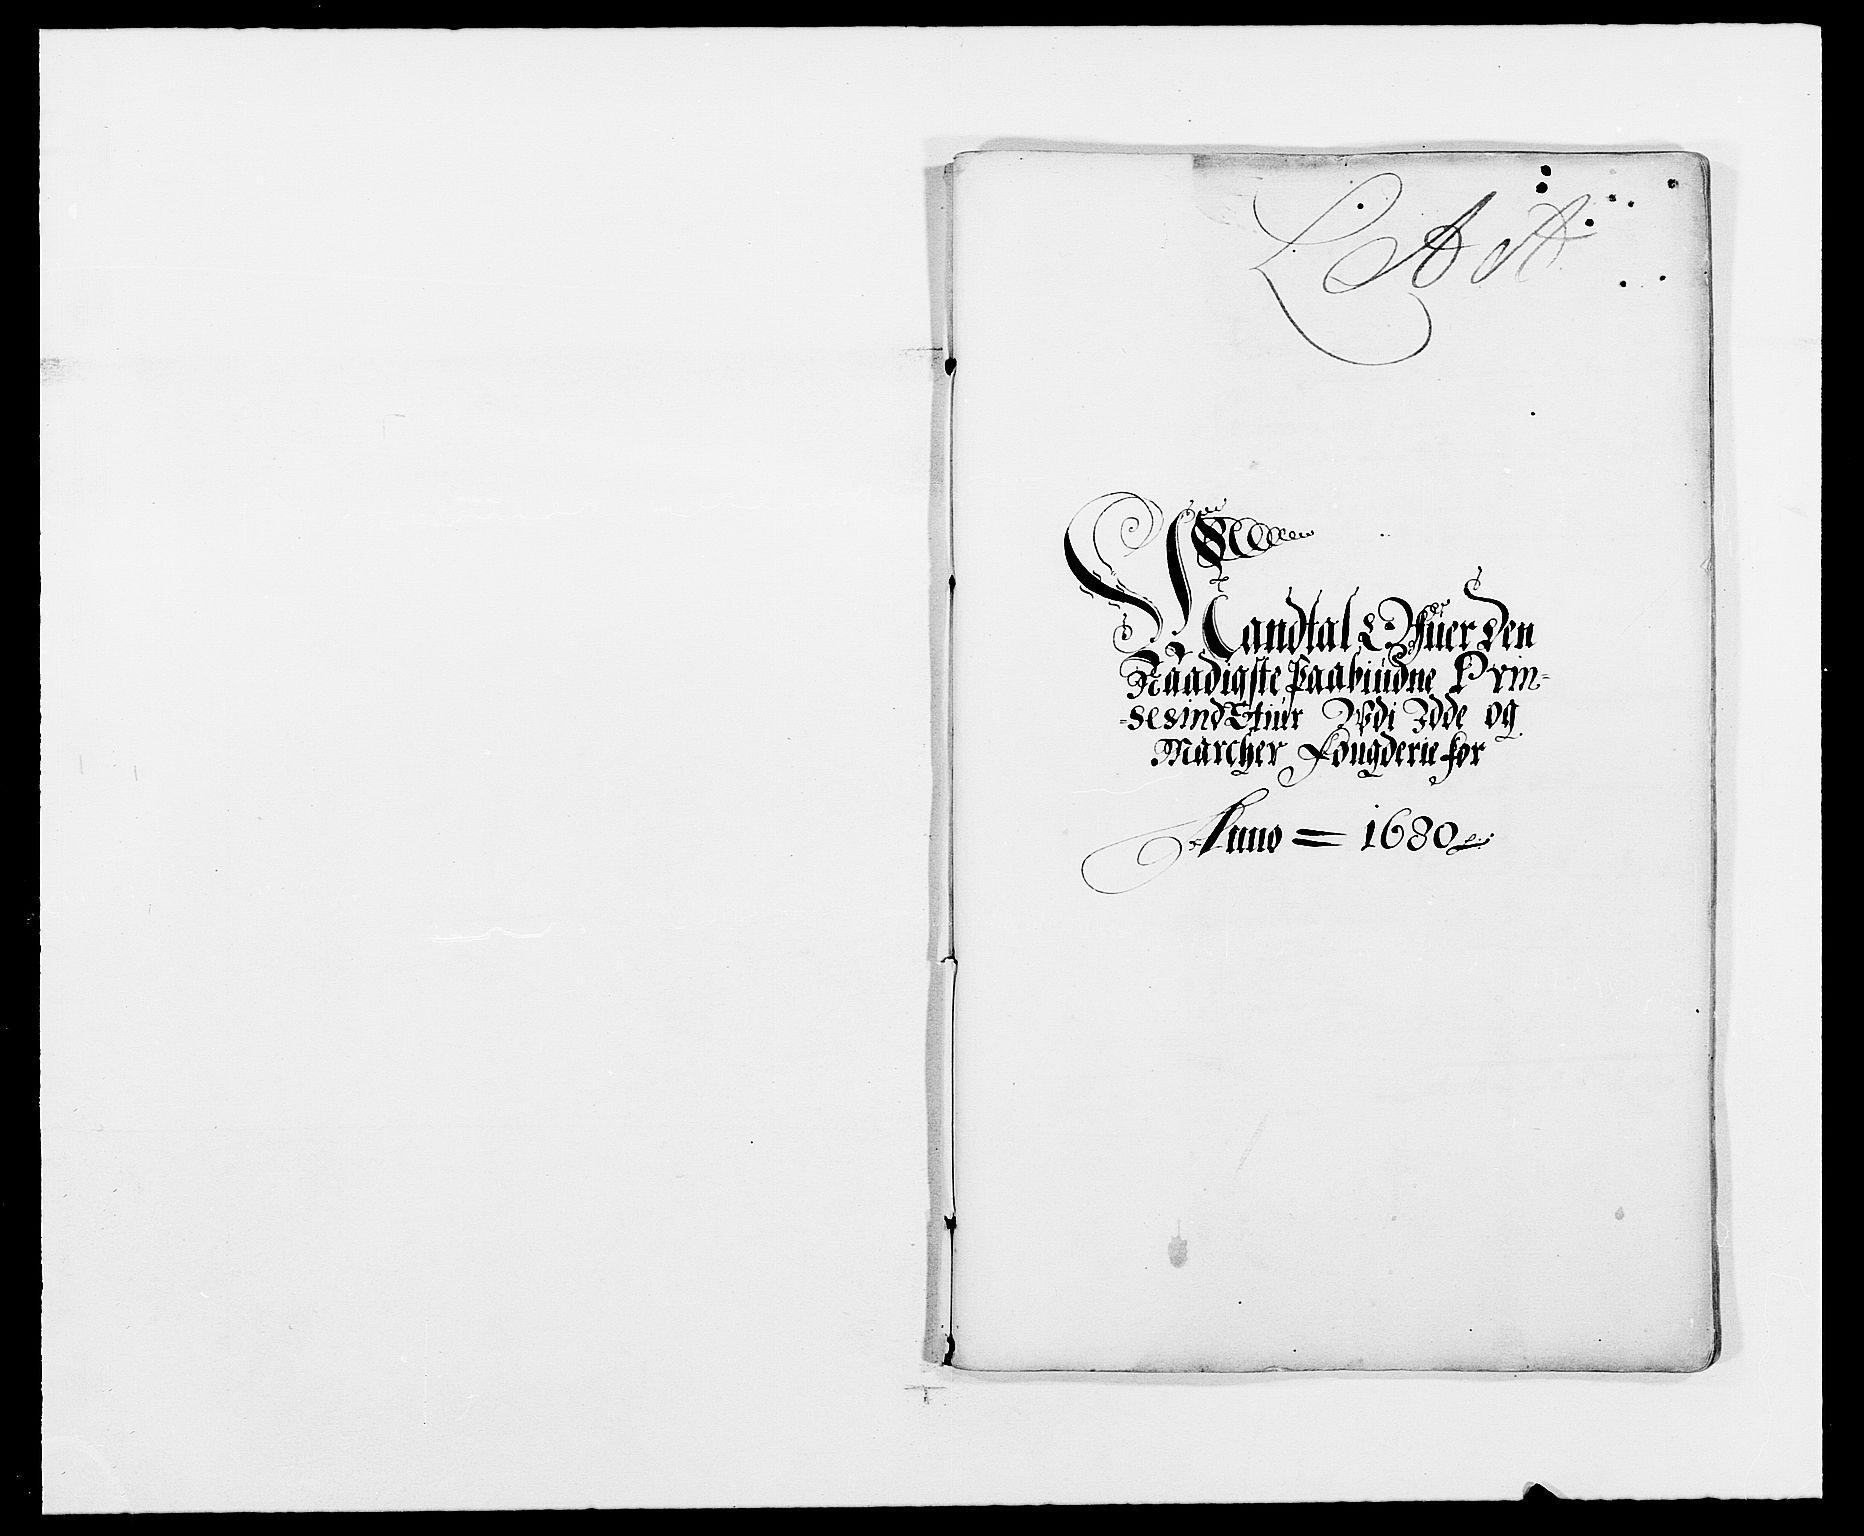 RA, Rentekammeret inntil 1814, Reviderte regnskaper, Fogderegnskap, R01/L0002: Fogderegnskap Idd og Marker, 1680-1681, s. 210